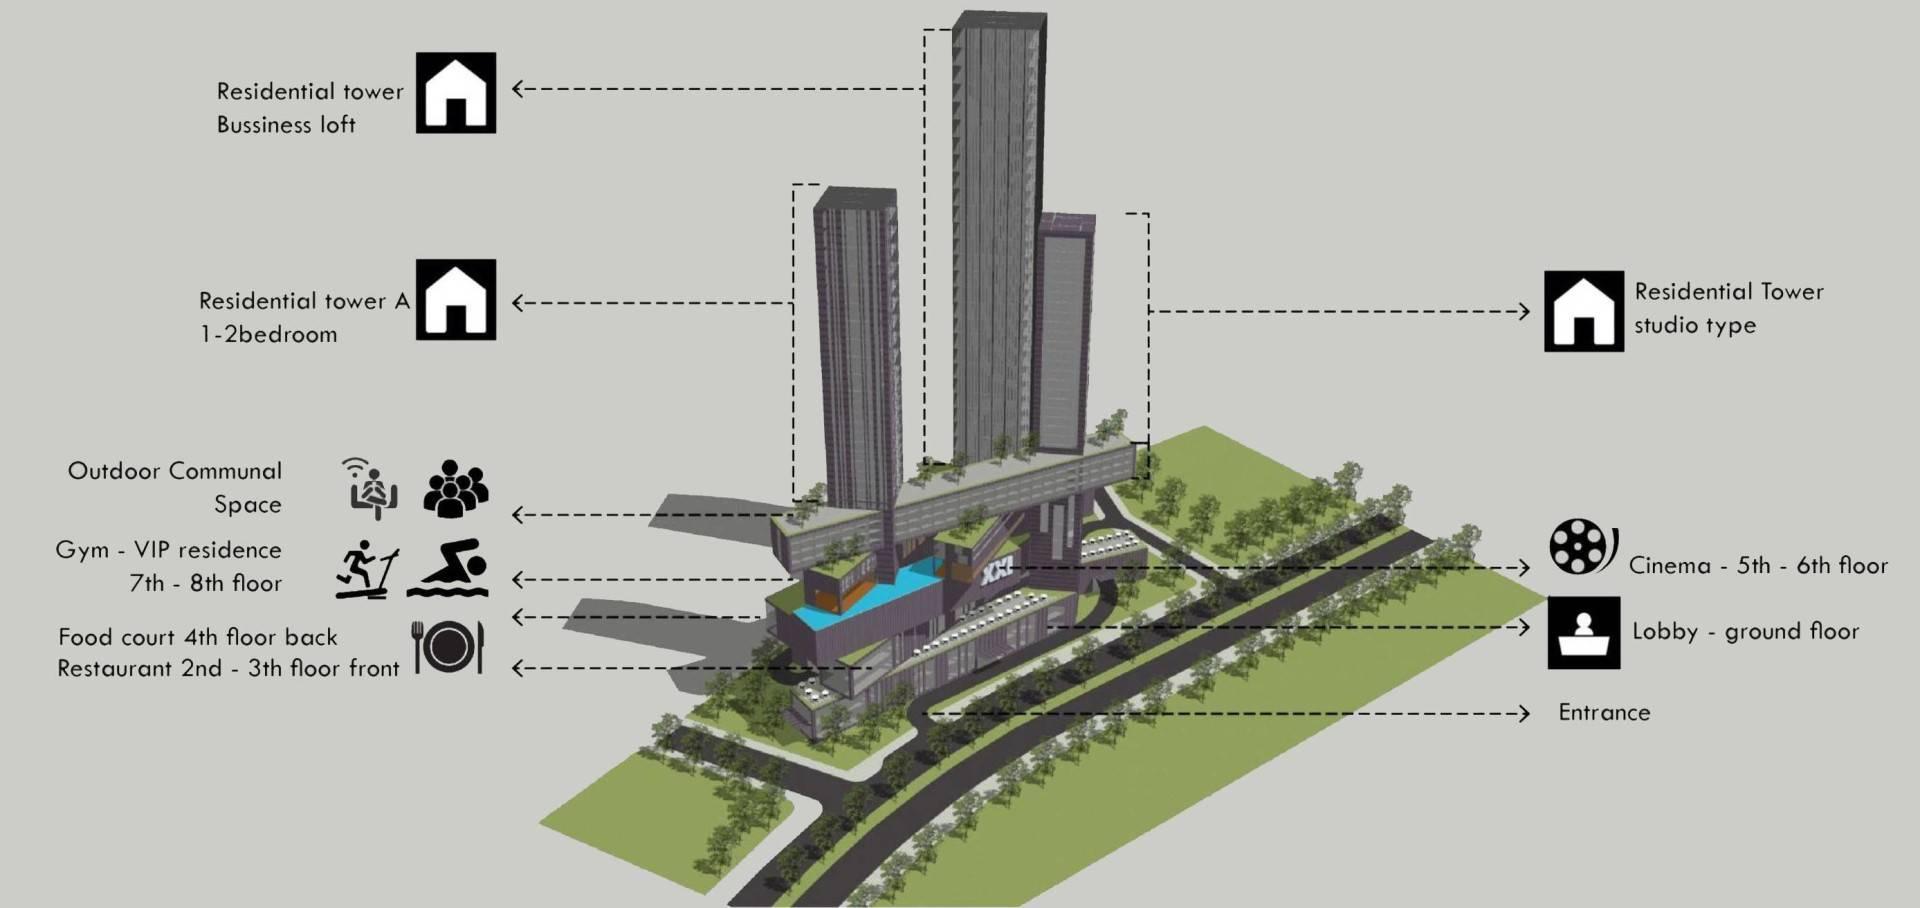 Monokroma Architect Platinum Condominium South Tangerang, Banten South Tangerang, Banten Concept Modern  6841